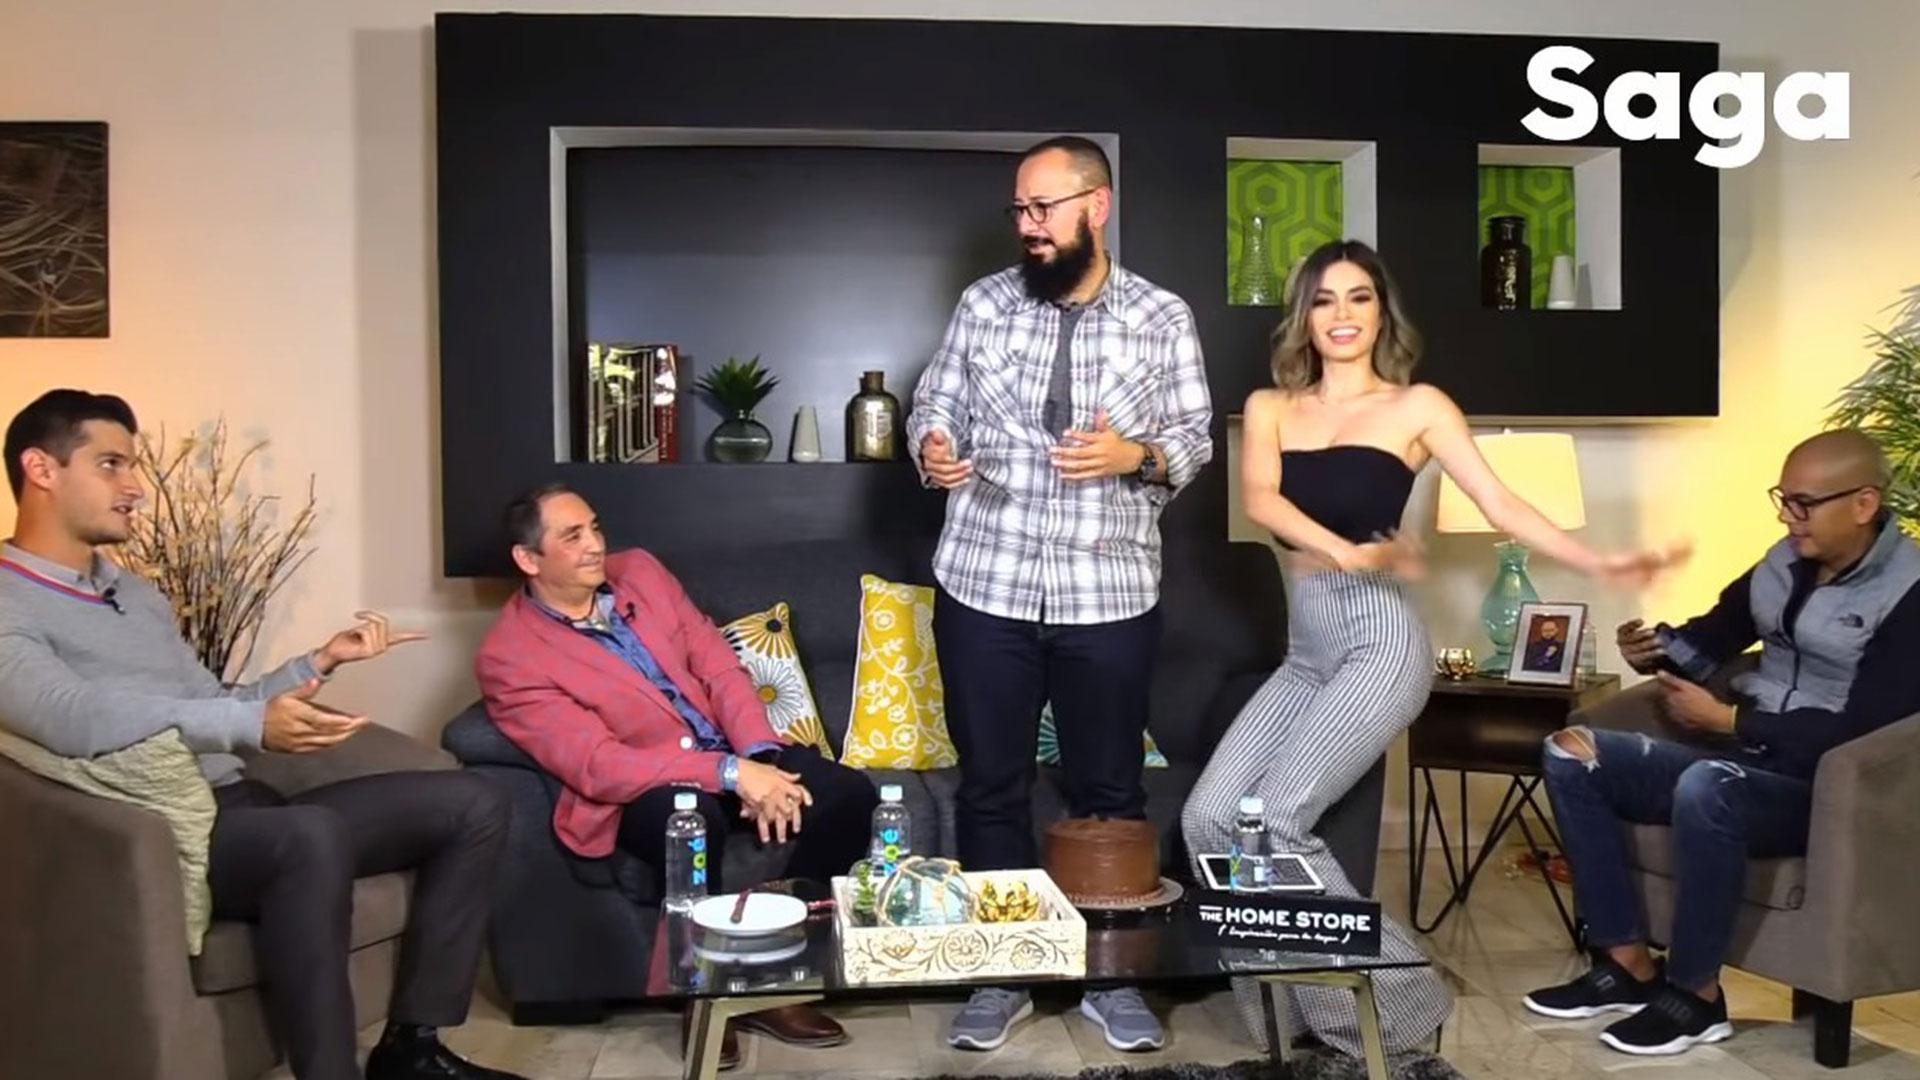 """Pamela Longoria imitó a Yanet García bailando, como lo hace en el programa matutino """"Hoy"""" de Televisa. (YouTube La Saga"""